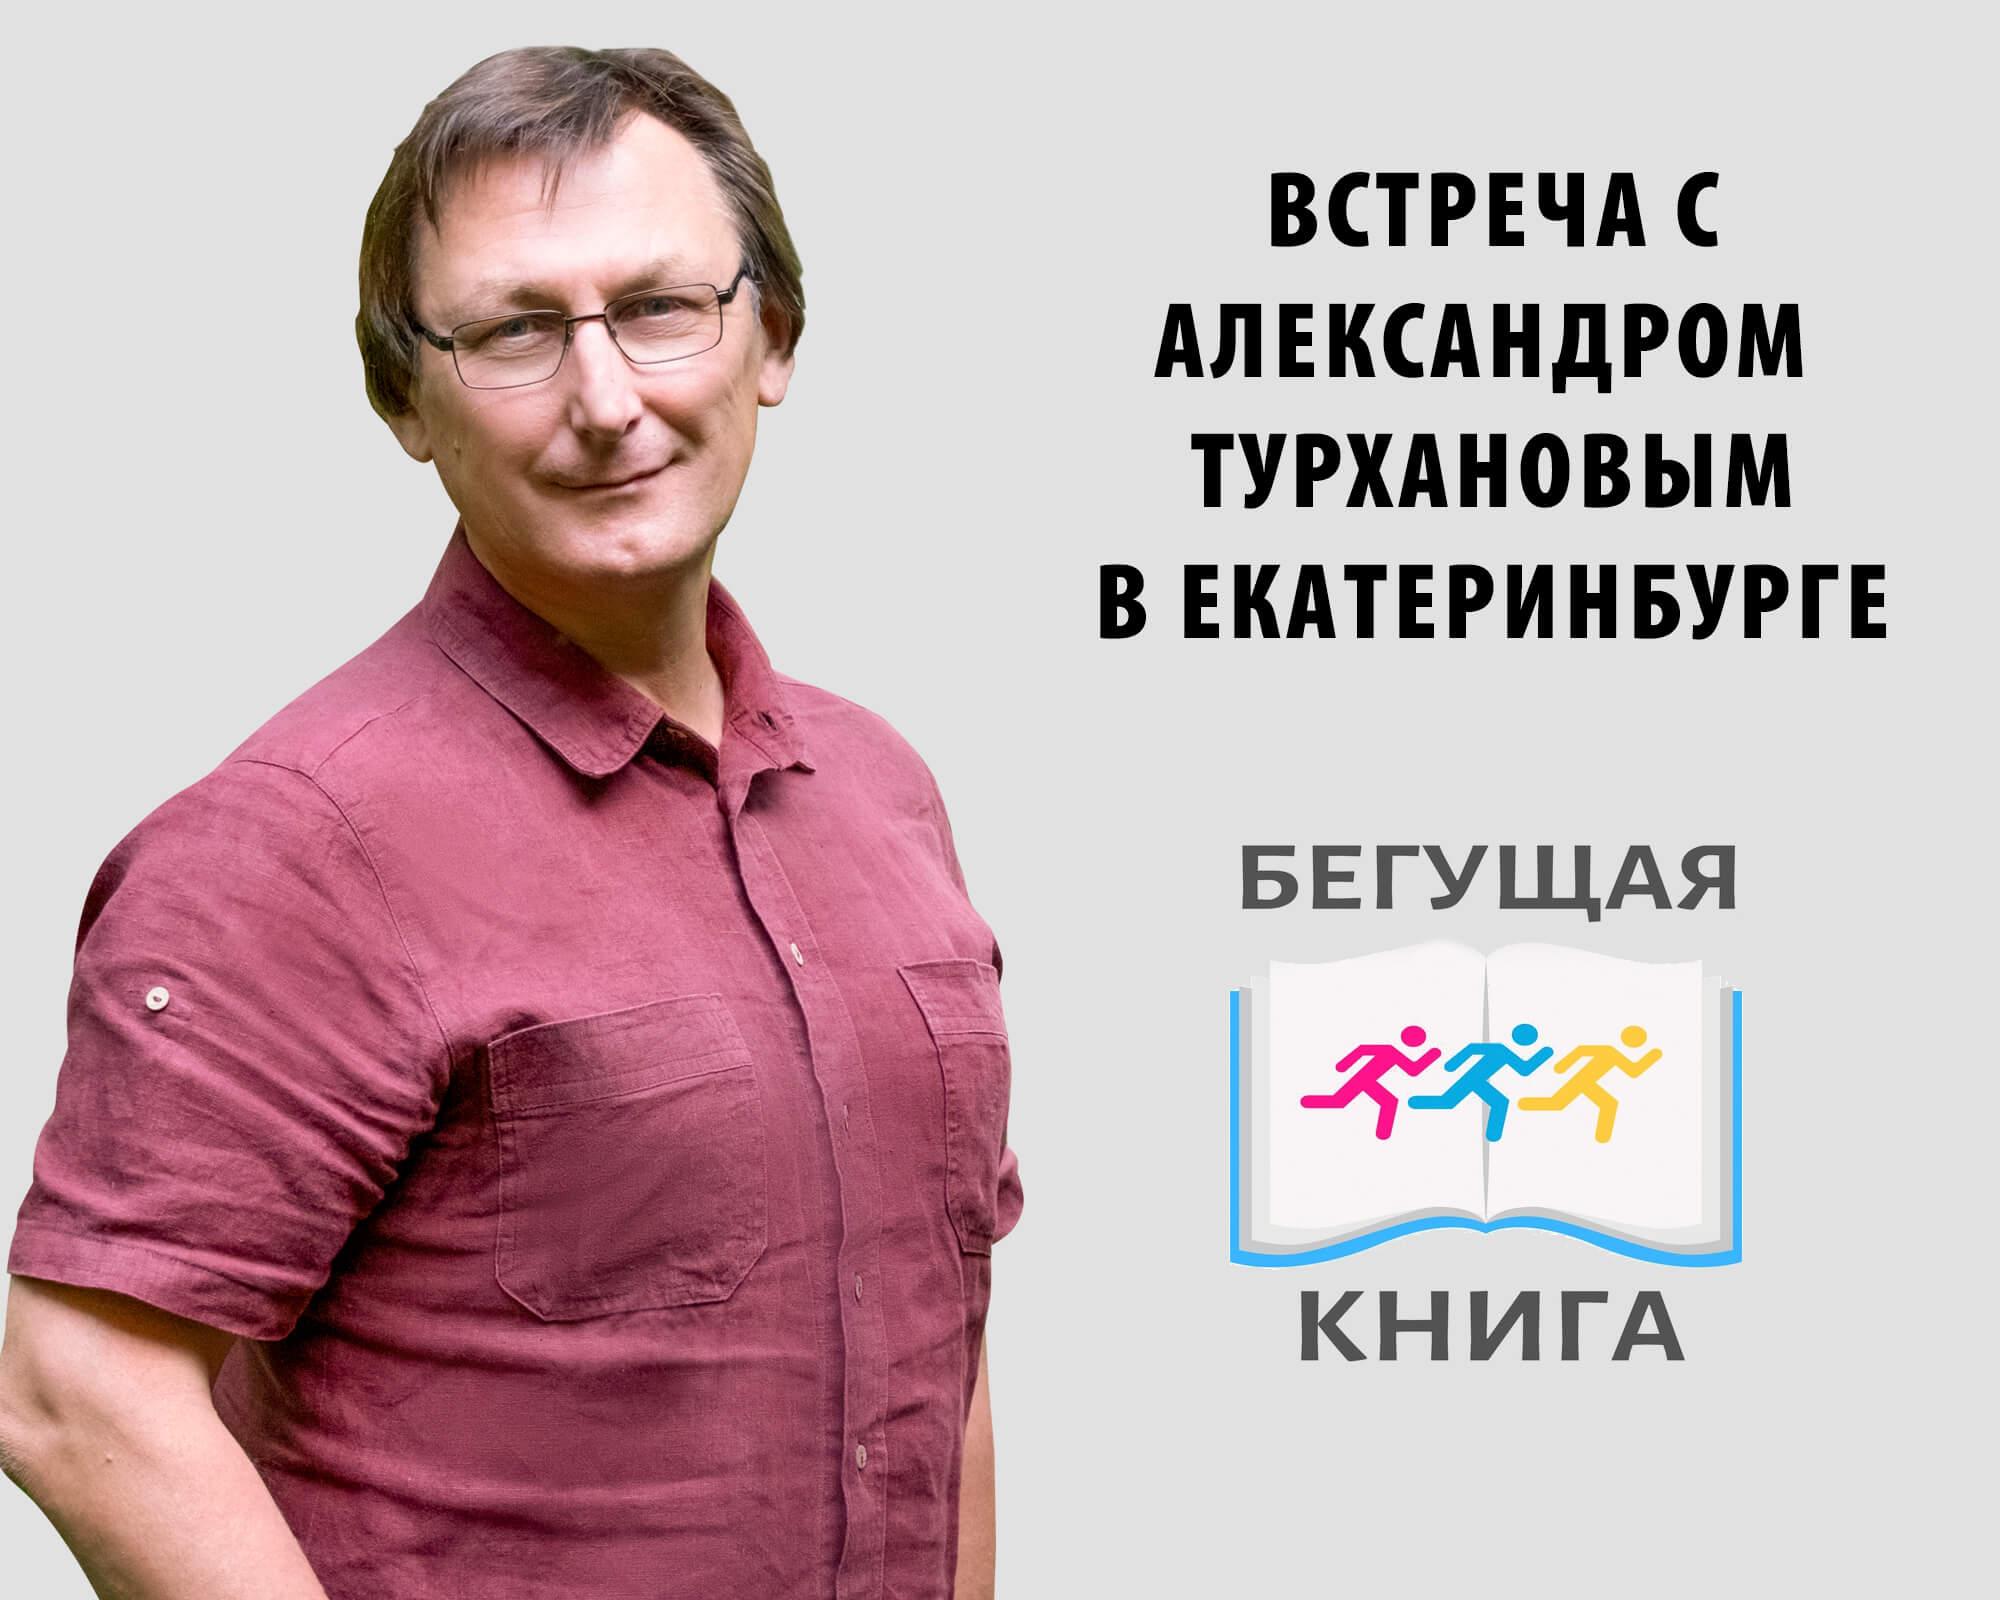 Бегущая книга. Встреча в Екатеринбурге